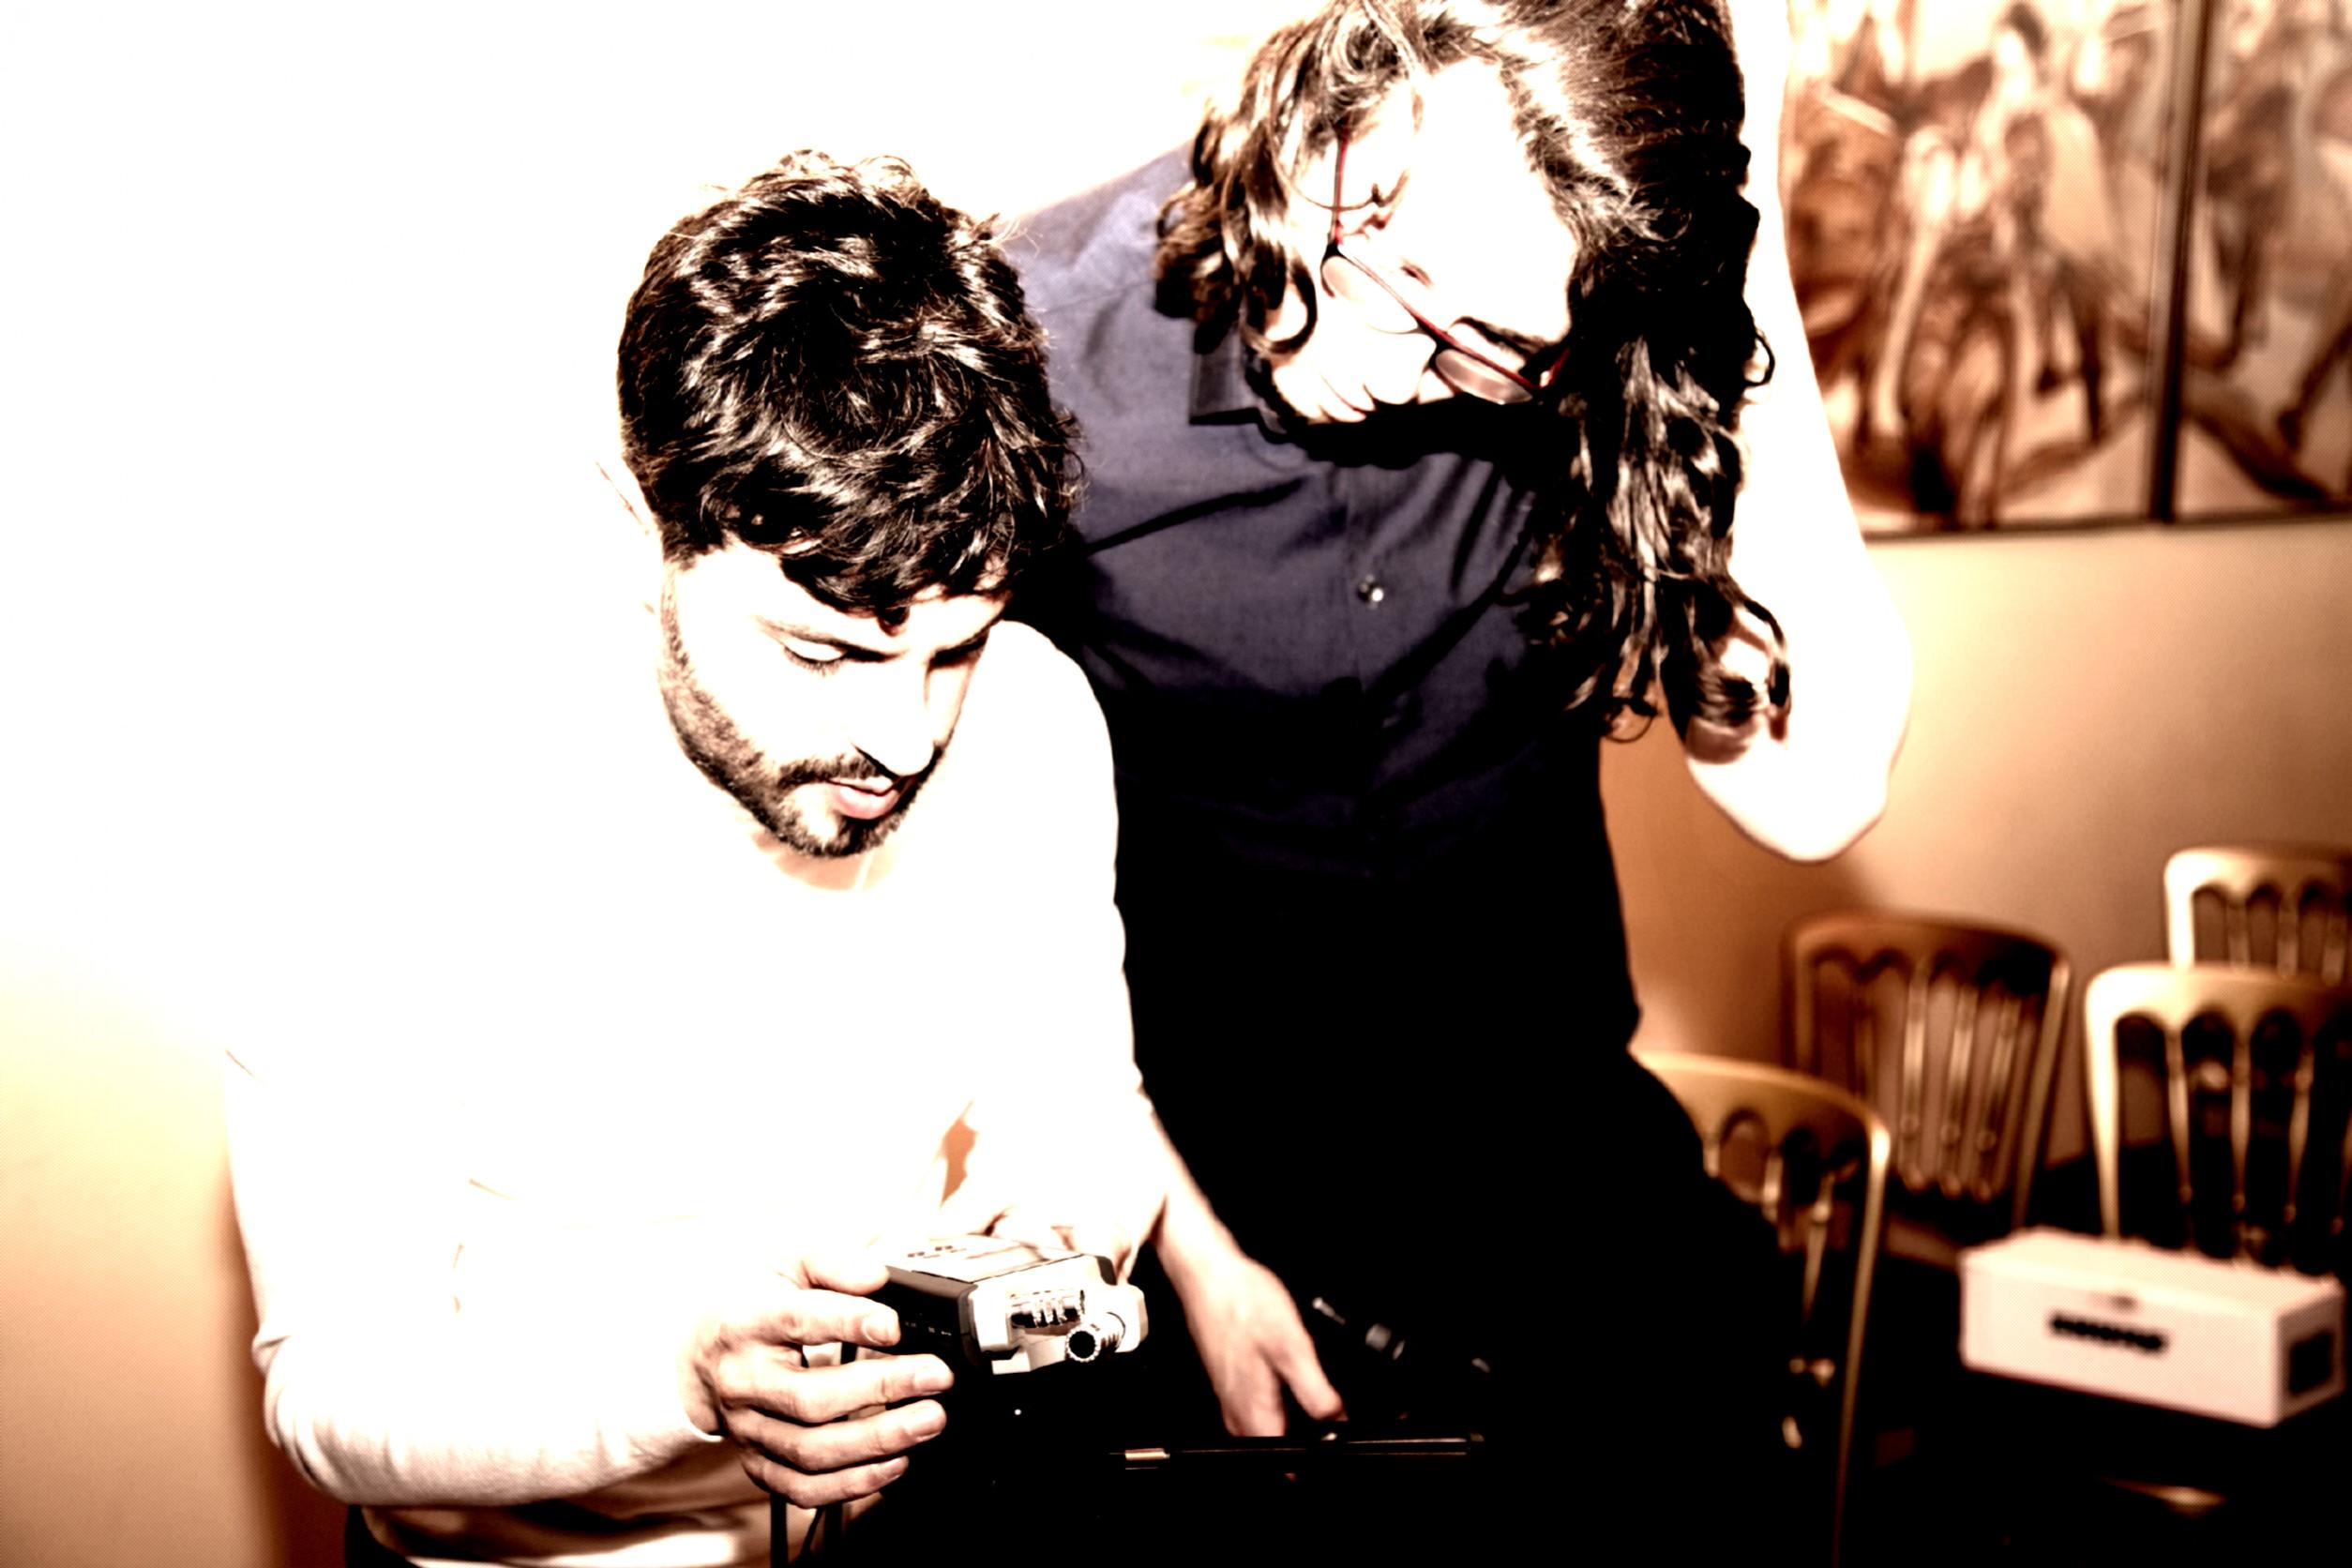 Juan and Tom